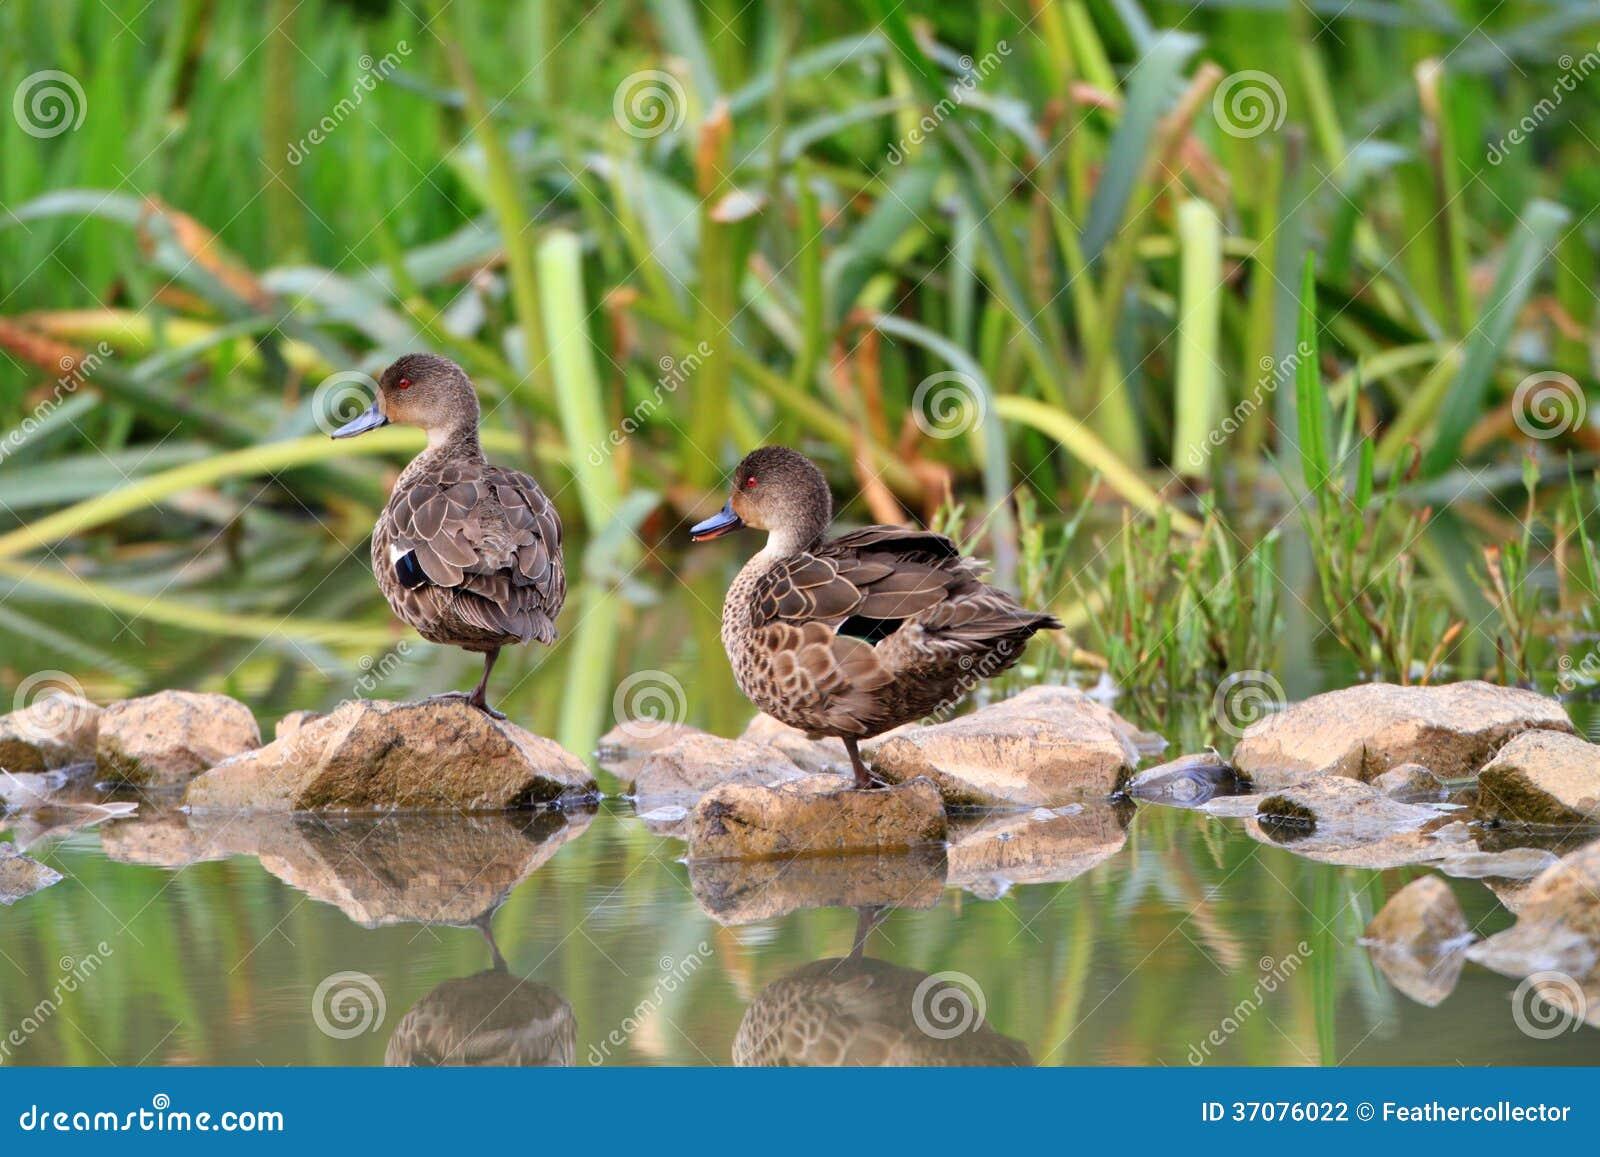 Download Popielata Cyraneczka (Anas Gracilis) Zdjęcie Stock - Obraz złożonej z zwierzę, wildfowl: 37076022